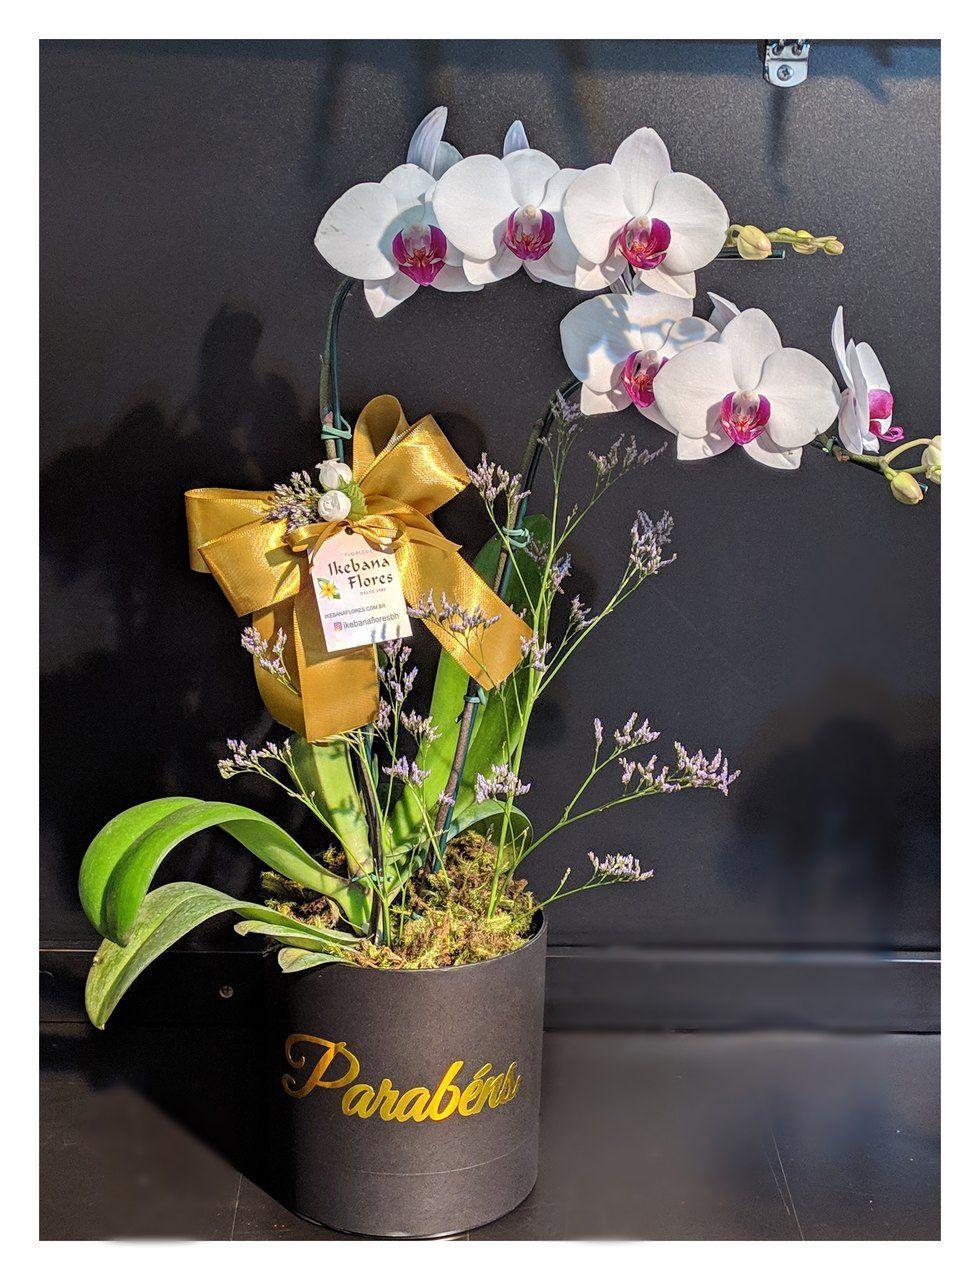 Orquídea Phalis Parabéns - Miolo roxo